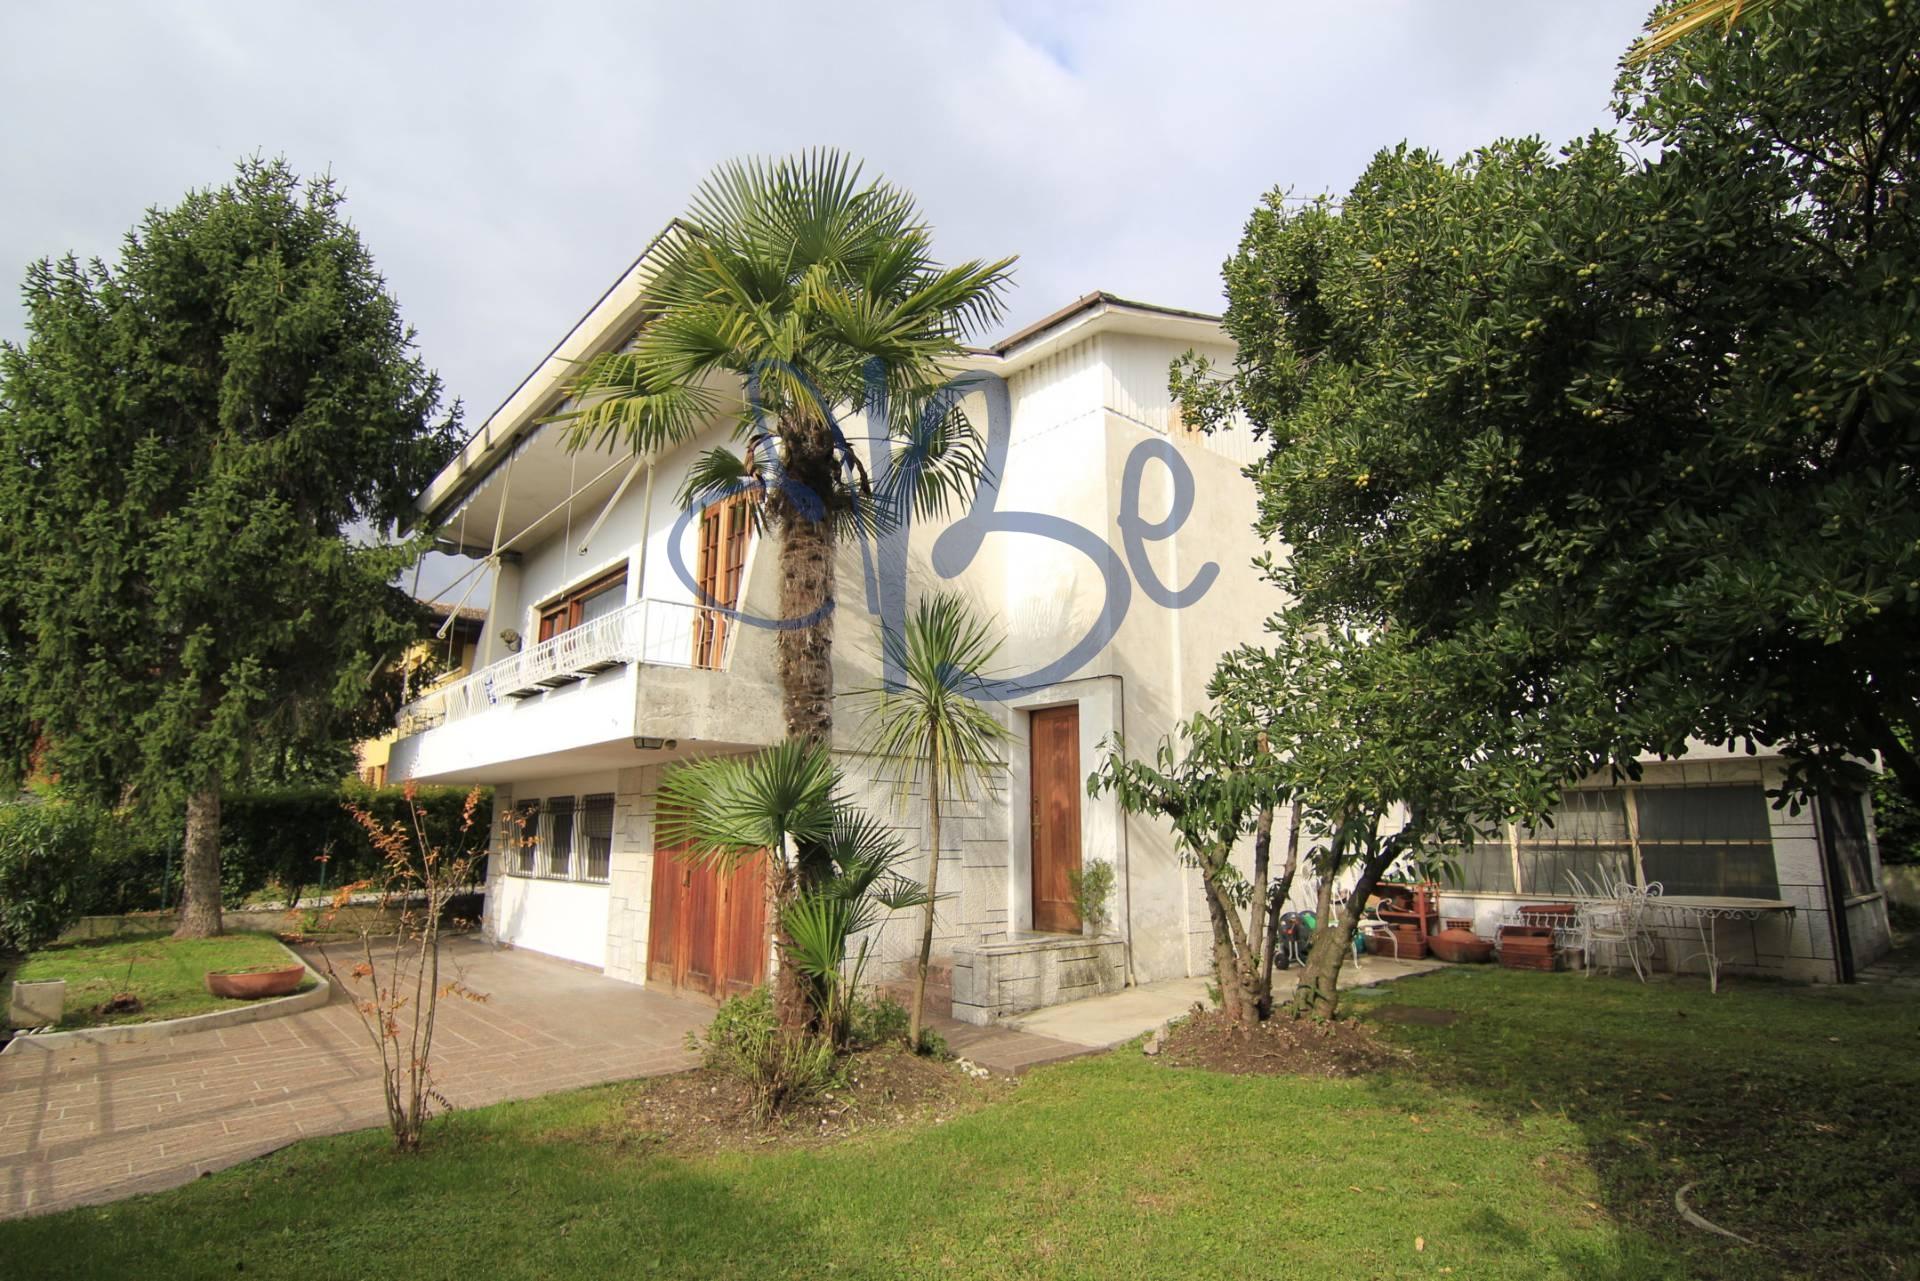 Villa in vendita a Salò, 4 locali, zona Località: Salò, prezzo € 360.000 | Cambio Casa.it